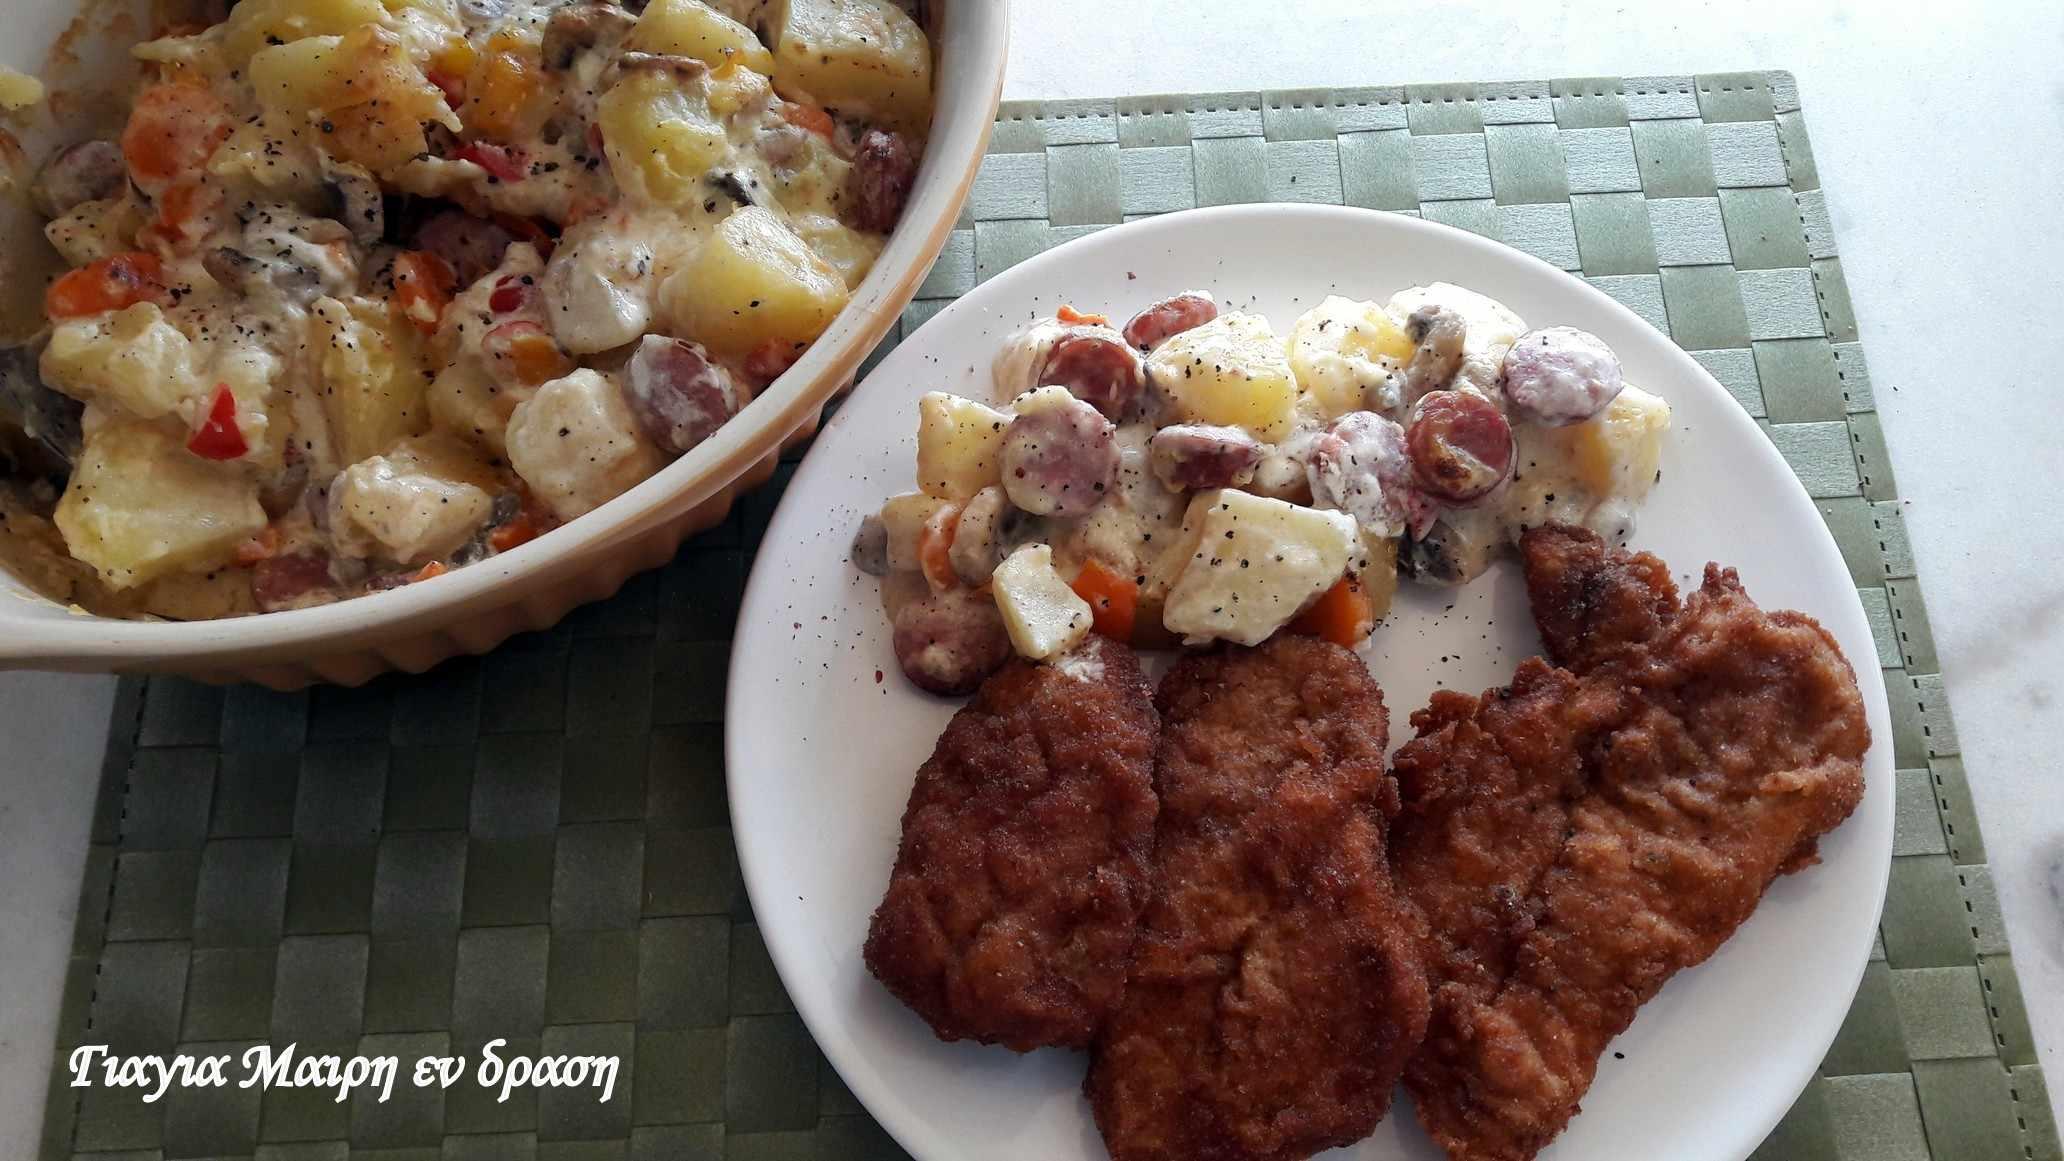 Πατατοσαλάτα φούρνου με λουκάνικα και μανιτάρια